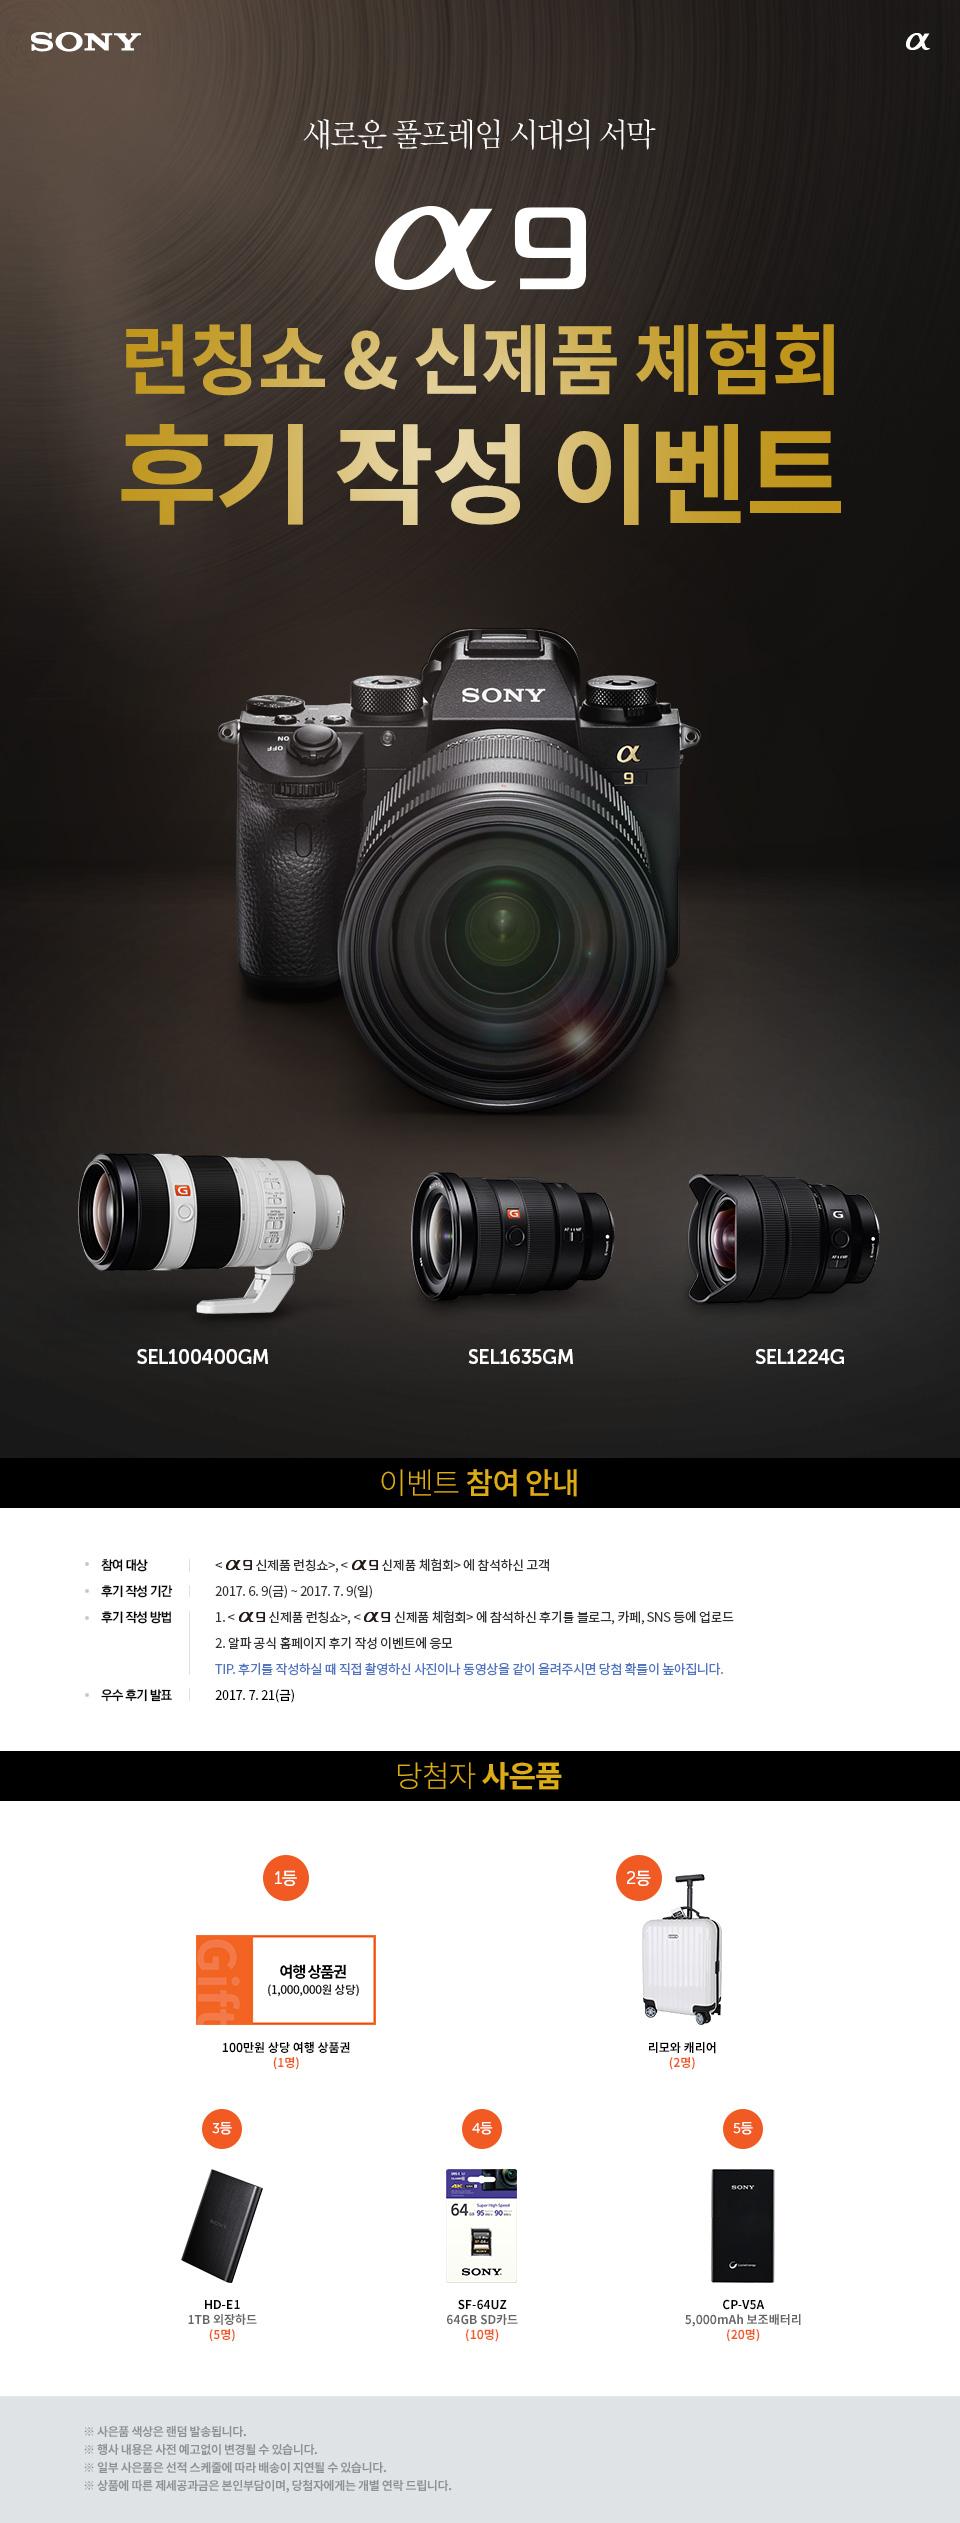 A9 런칭쇼 & 신제품 체험회 후기 작성 이벤트